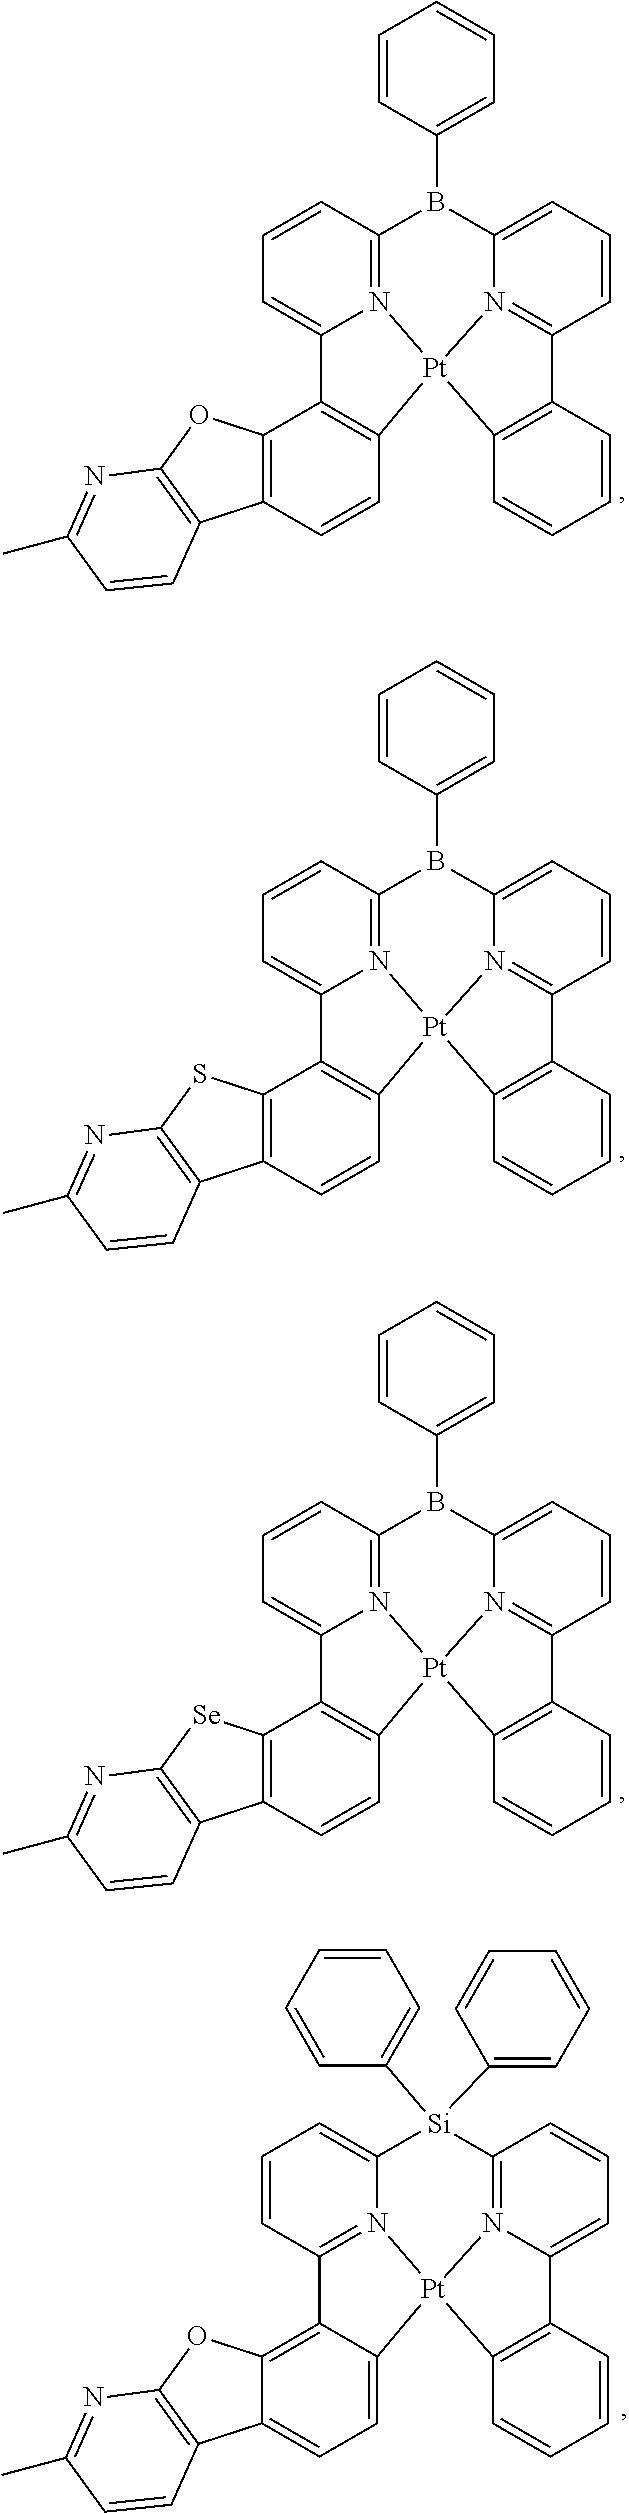 Figure US09871214-20180116-C00272